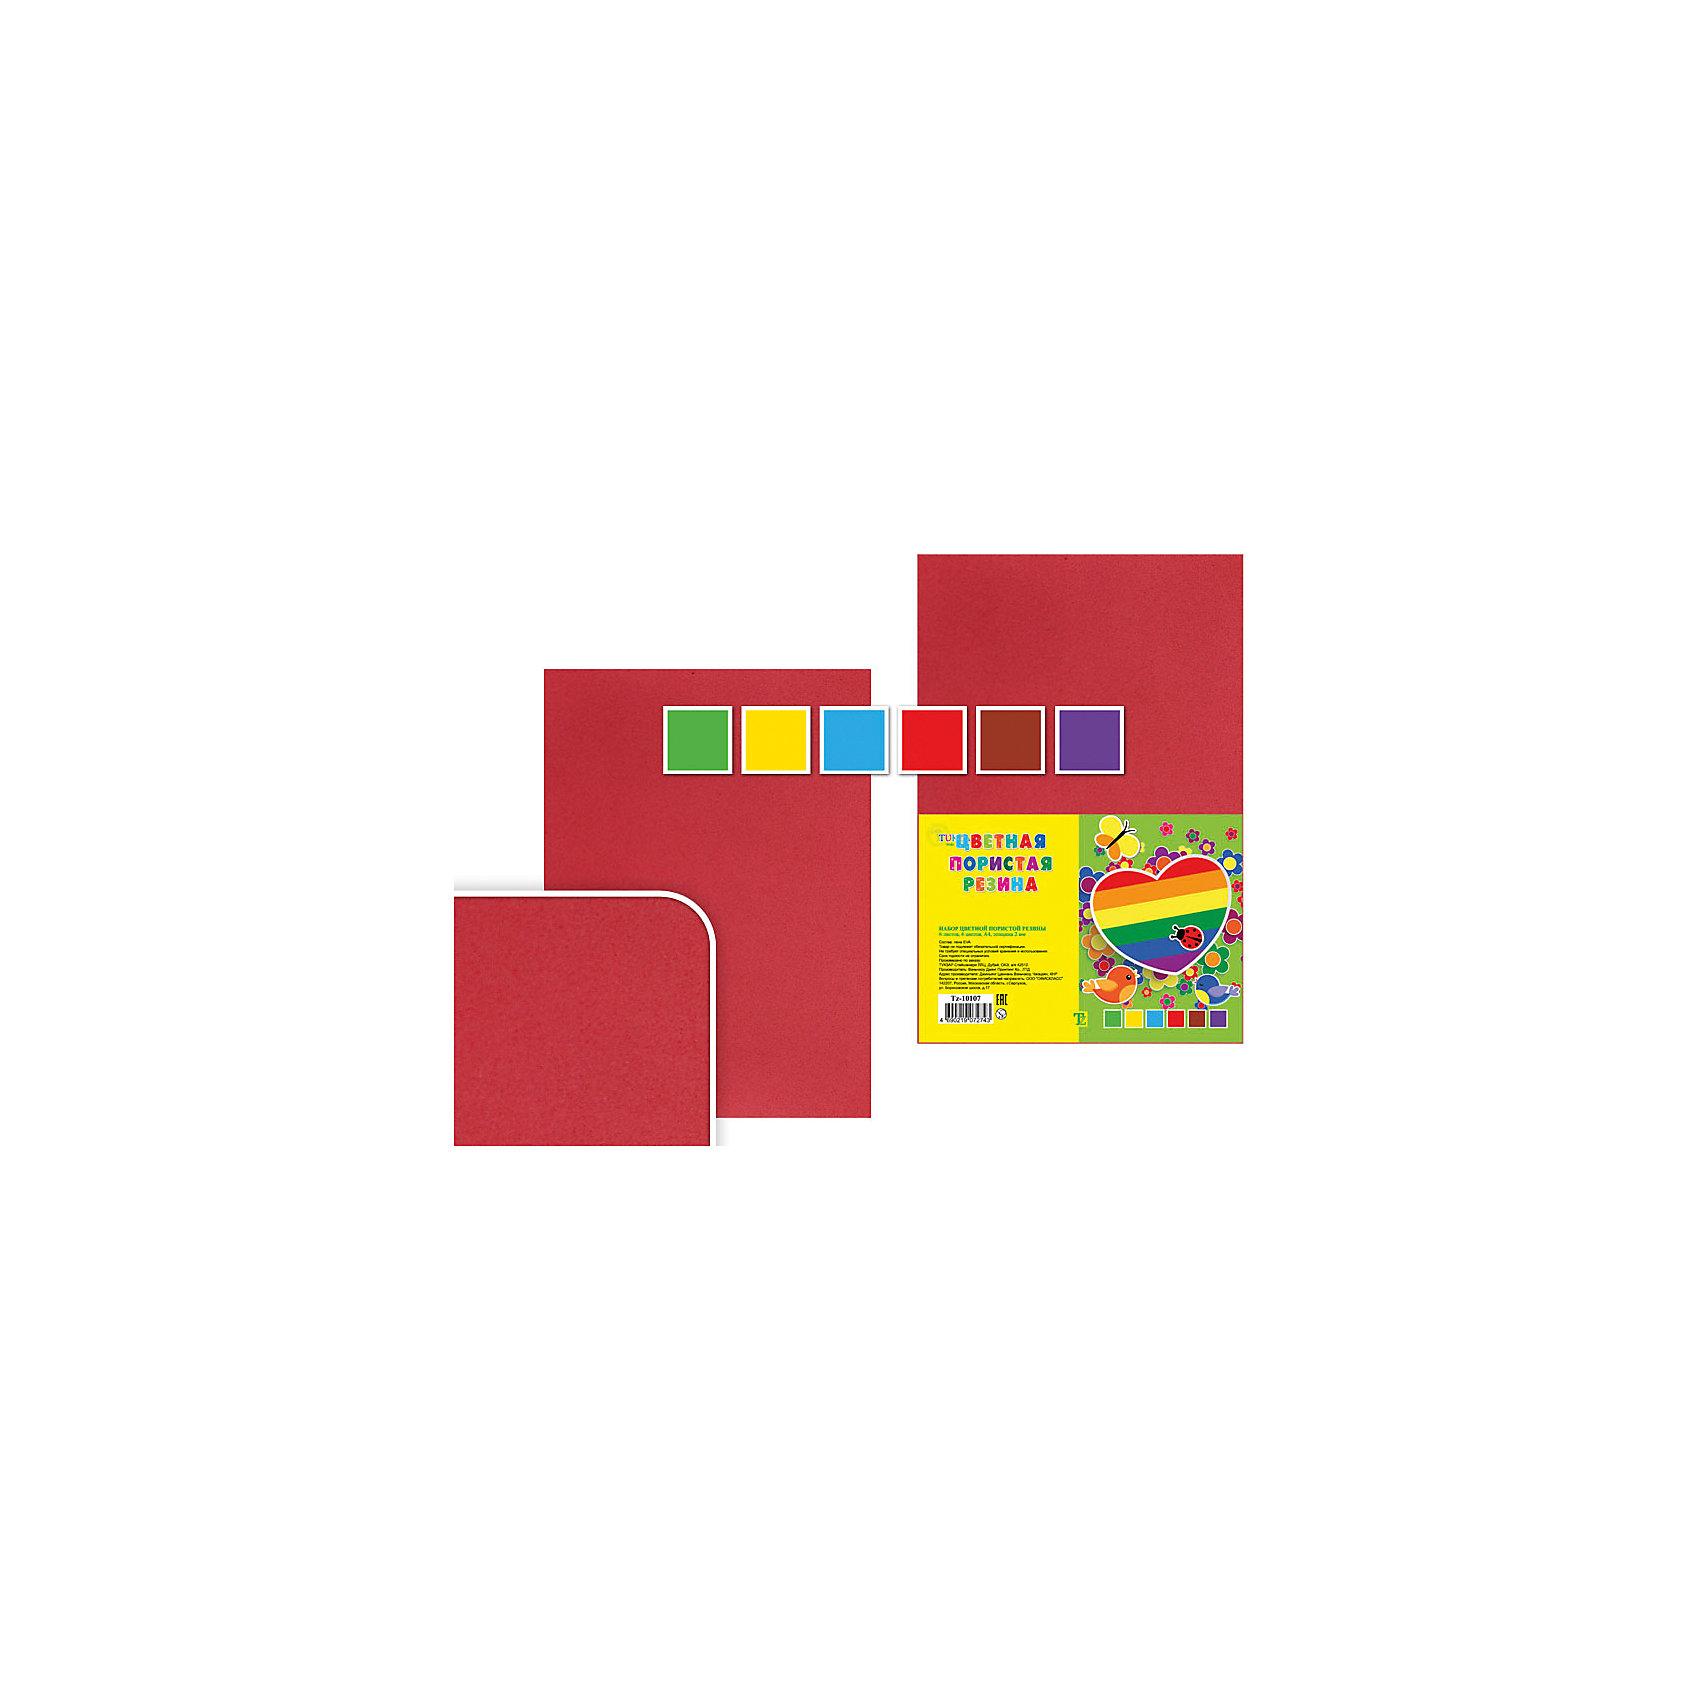 Набор цветной пористой резины (6 листов, 6 цветов)Набор цветной пористой резины подойдет для различных аппликаций, позволит ребенку в полной мере выразить себя в творческой деятельности. Цветная резина - яркая, приятная на ощупь, мягкая, легко приклеивается. <br><br>Дополнительная информация:<br><br>- Материал: резина.<br>- Формат листа: А4.<br>- 6 листов в комплекте.<br>- 6 цветов. <br>- Толщина листа: 2 мм.<br><br>Набор цветной пористой резины (6 листов, 6 цветов) можно купить в нашем магазине.<br><br>Ширина мм: 300<br>Глубина мм: 210<br>Высота мм: 5<br>Вес г: 100<br>Возраст от месяцев: 36<br>Возраст до месяцев: 2147483647<br>Пол: Унисекс<br>Возраст: Детский<br>SKU: 4558407